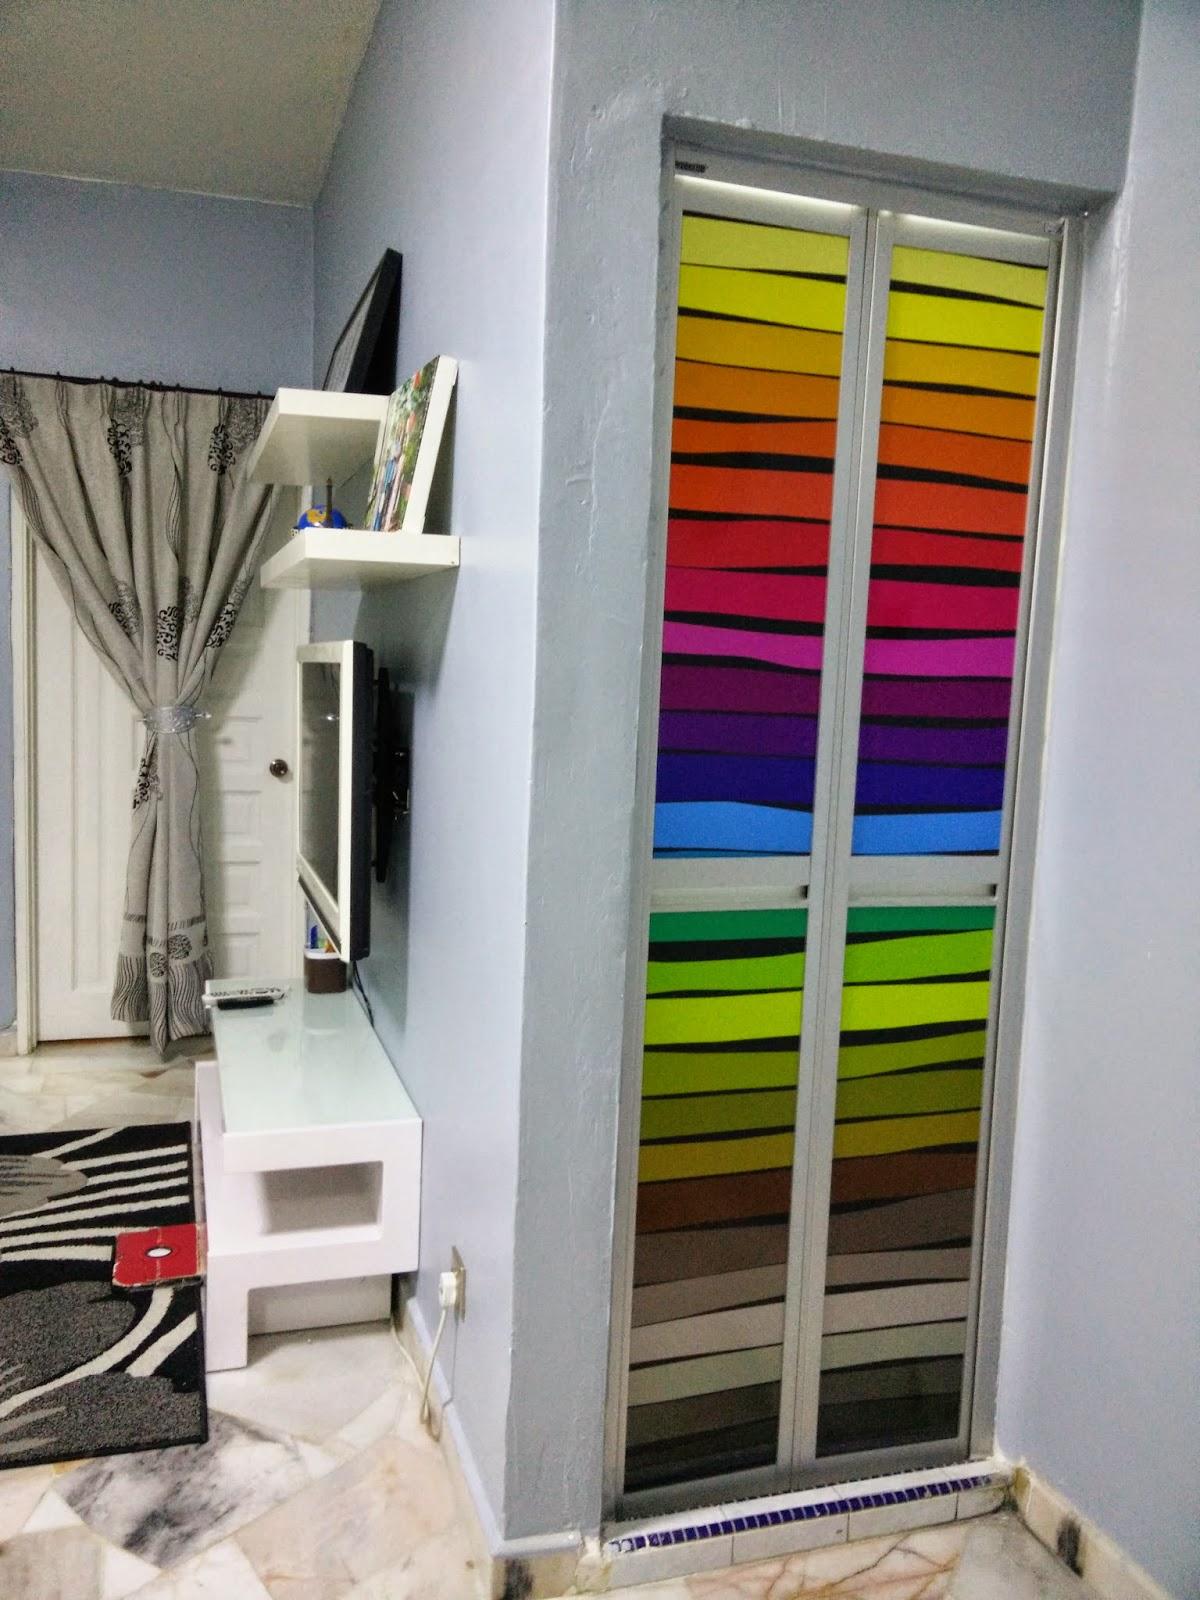 Pintu Toilet Bi Fold King Vitally Rm500 Termasuk Charge Pemasangan Design Boleh Pilih Dalam Katalog